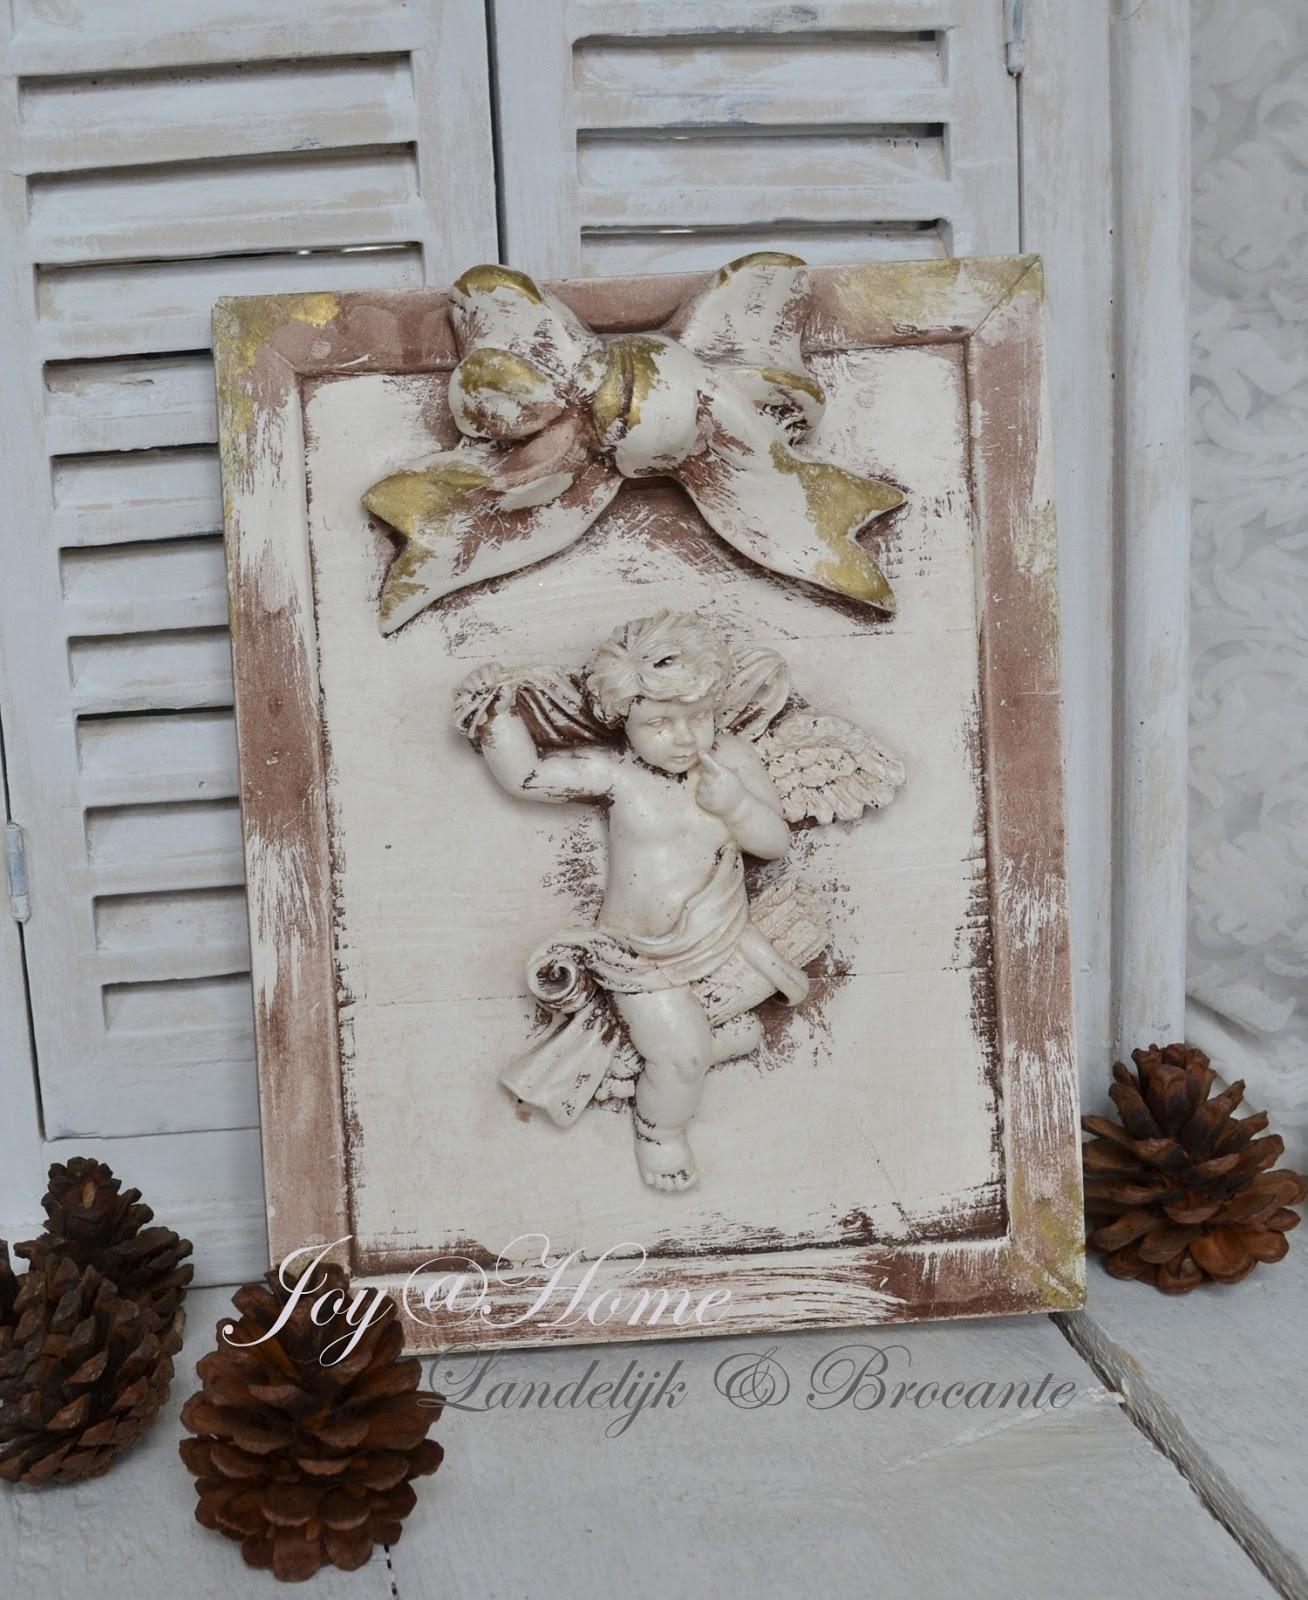 Riverdale Keuken Blikken : Joy@home woonaccessoires blog: ? kerst windlichten & meer